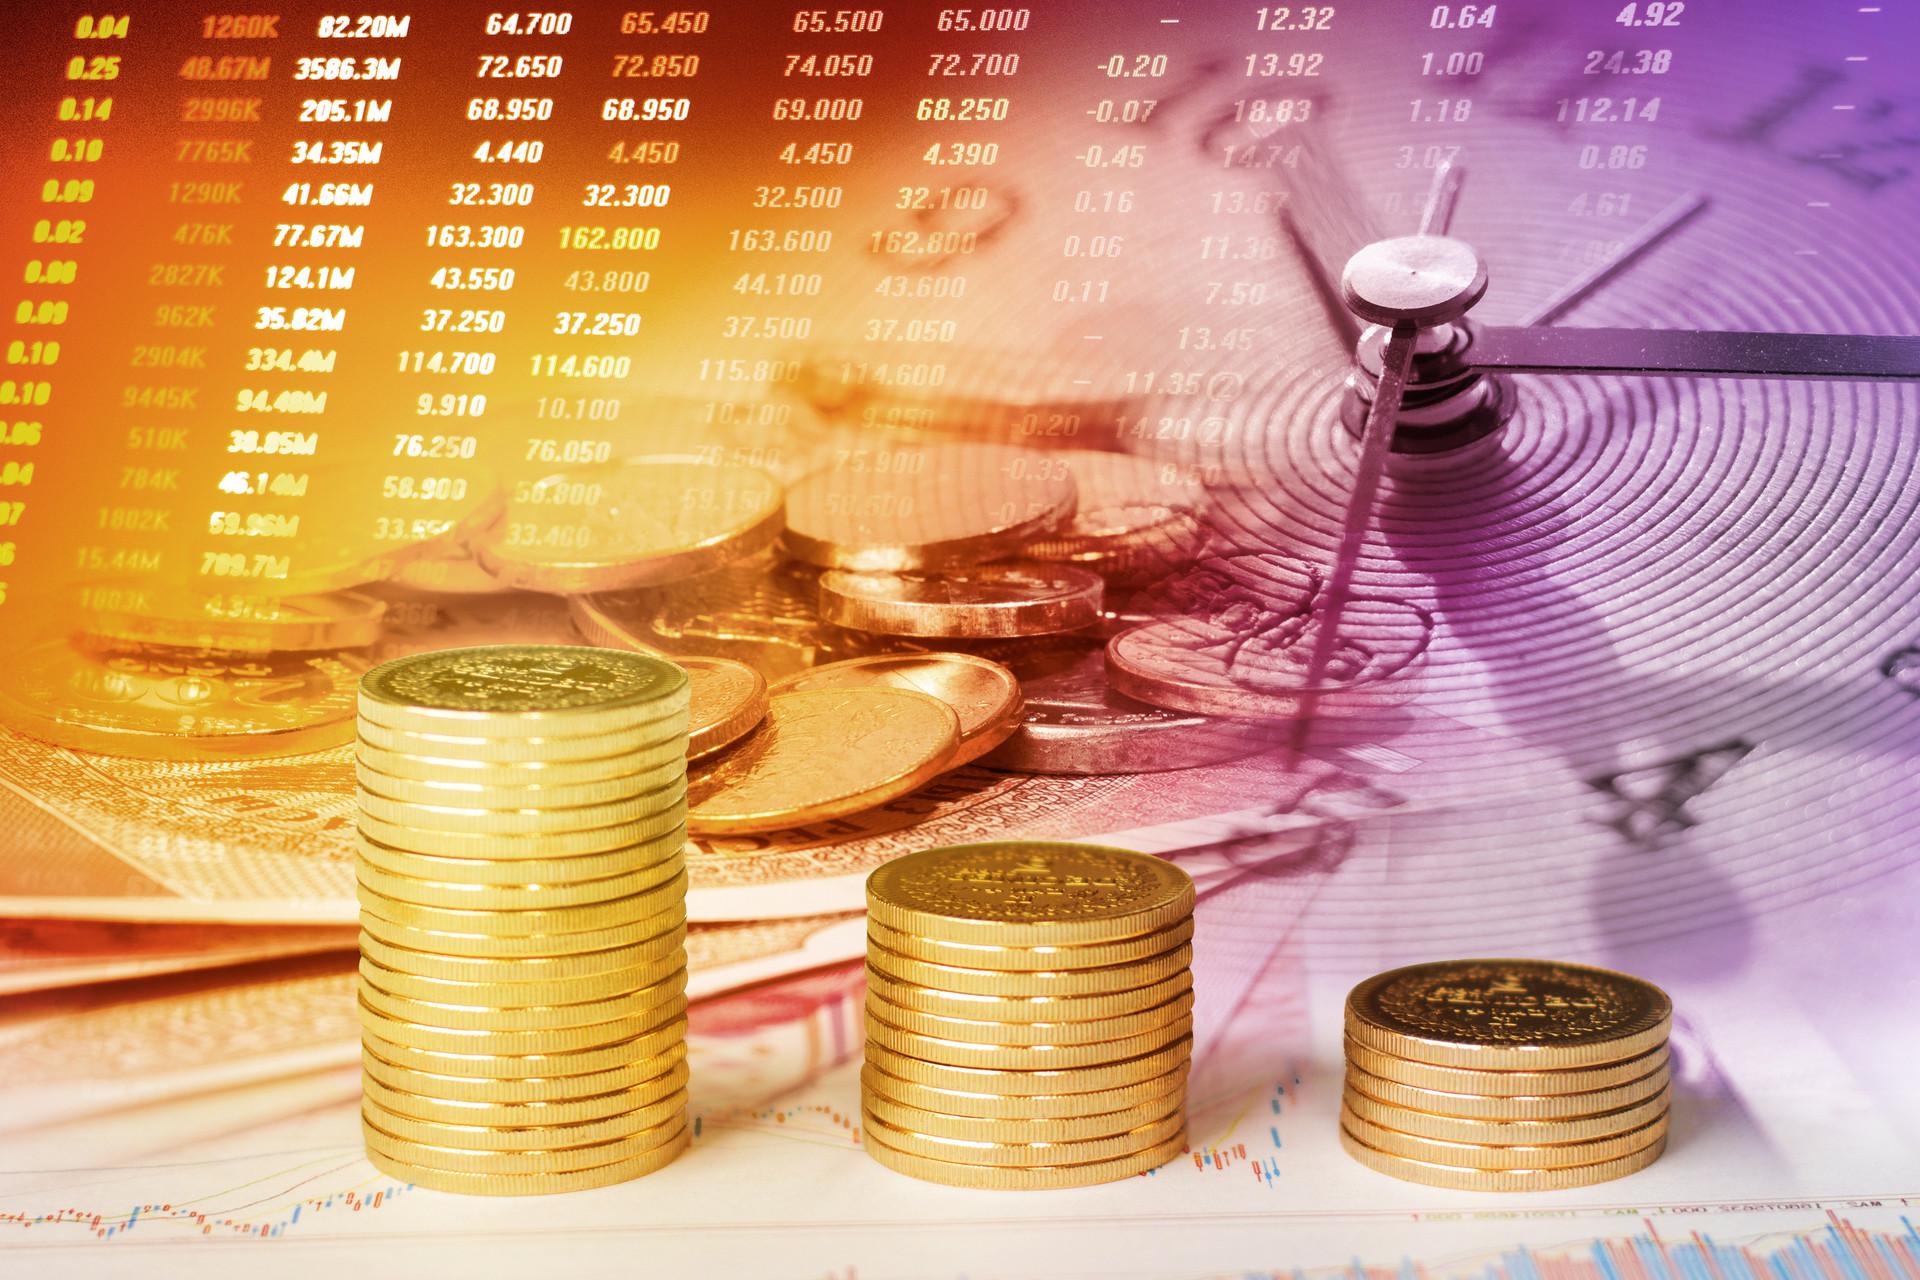 招银理财获批开业,权益资产配置规模将提升